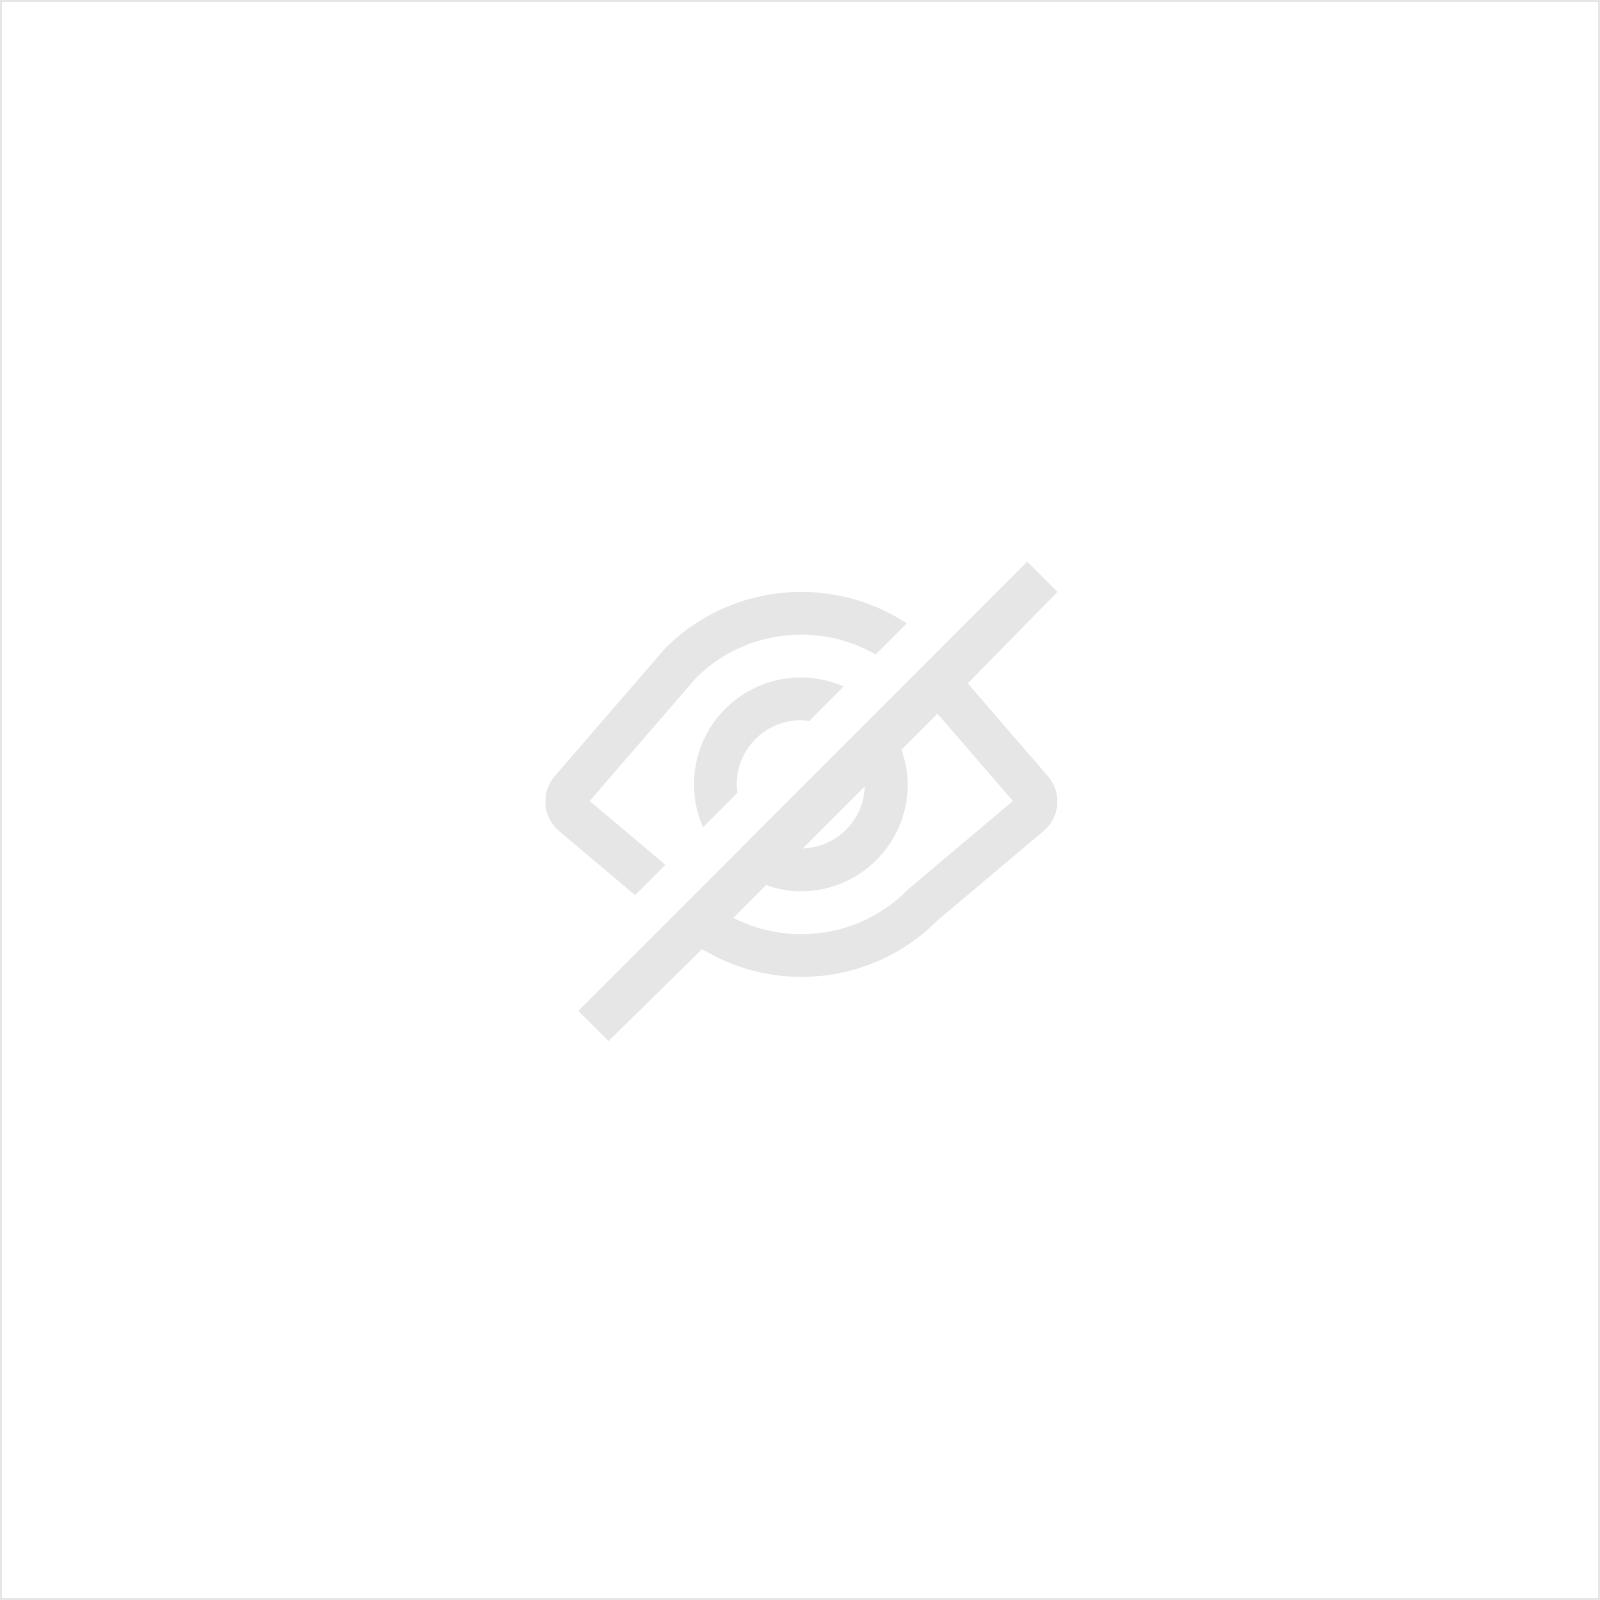 OUATOR METAUX PRECIEUX / COTON A LUSTRER 75gr